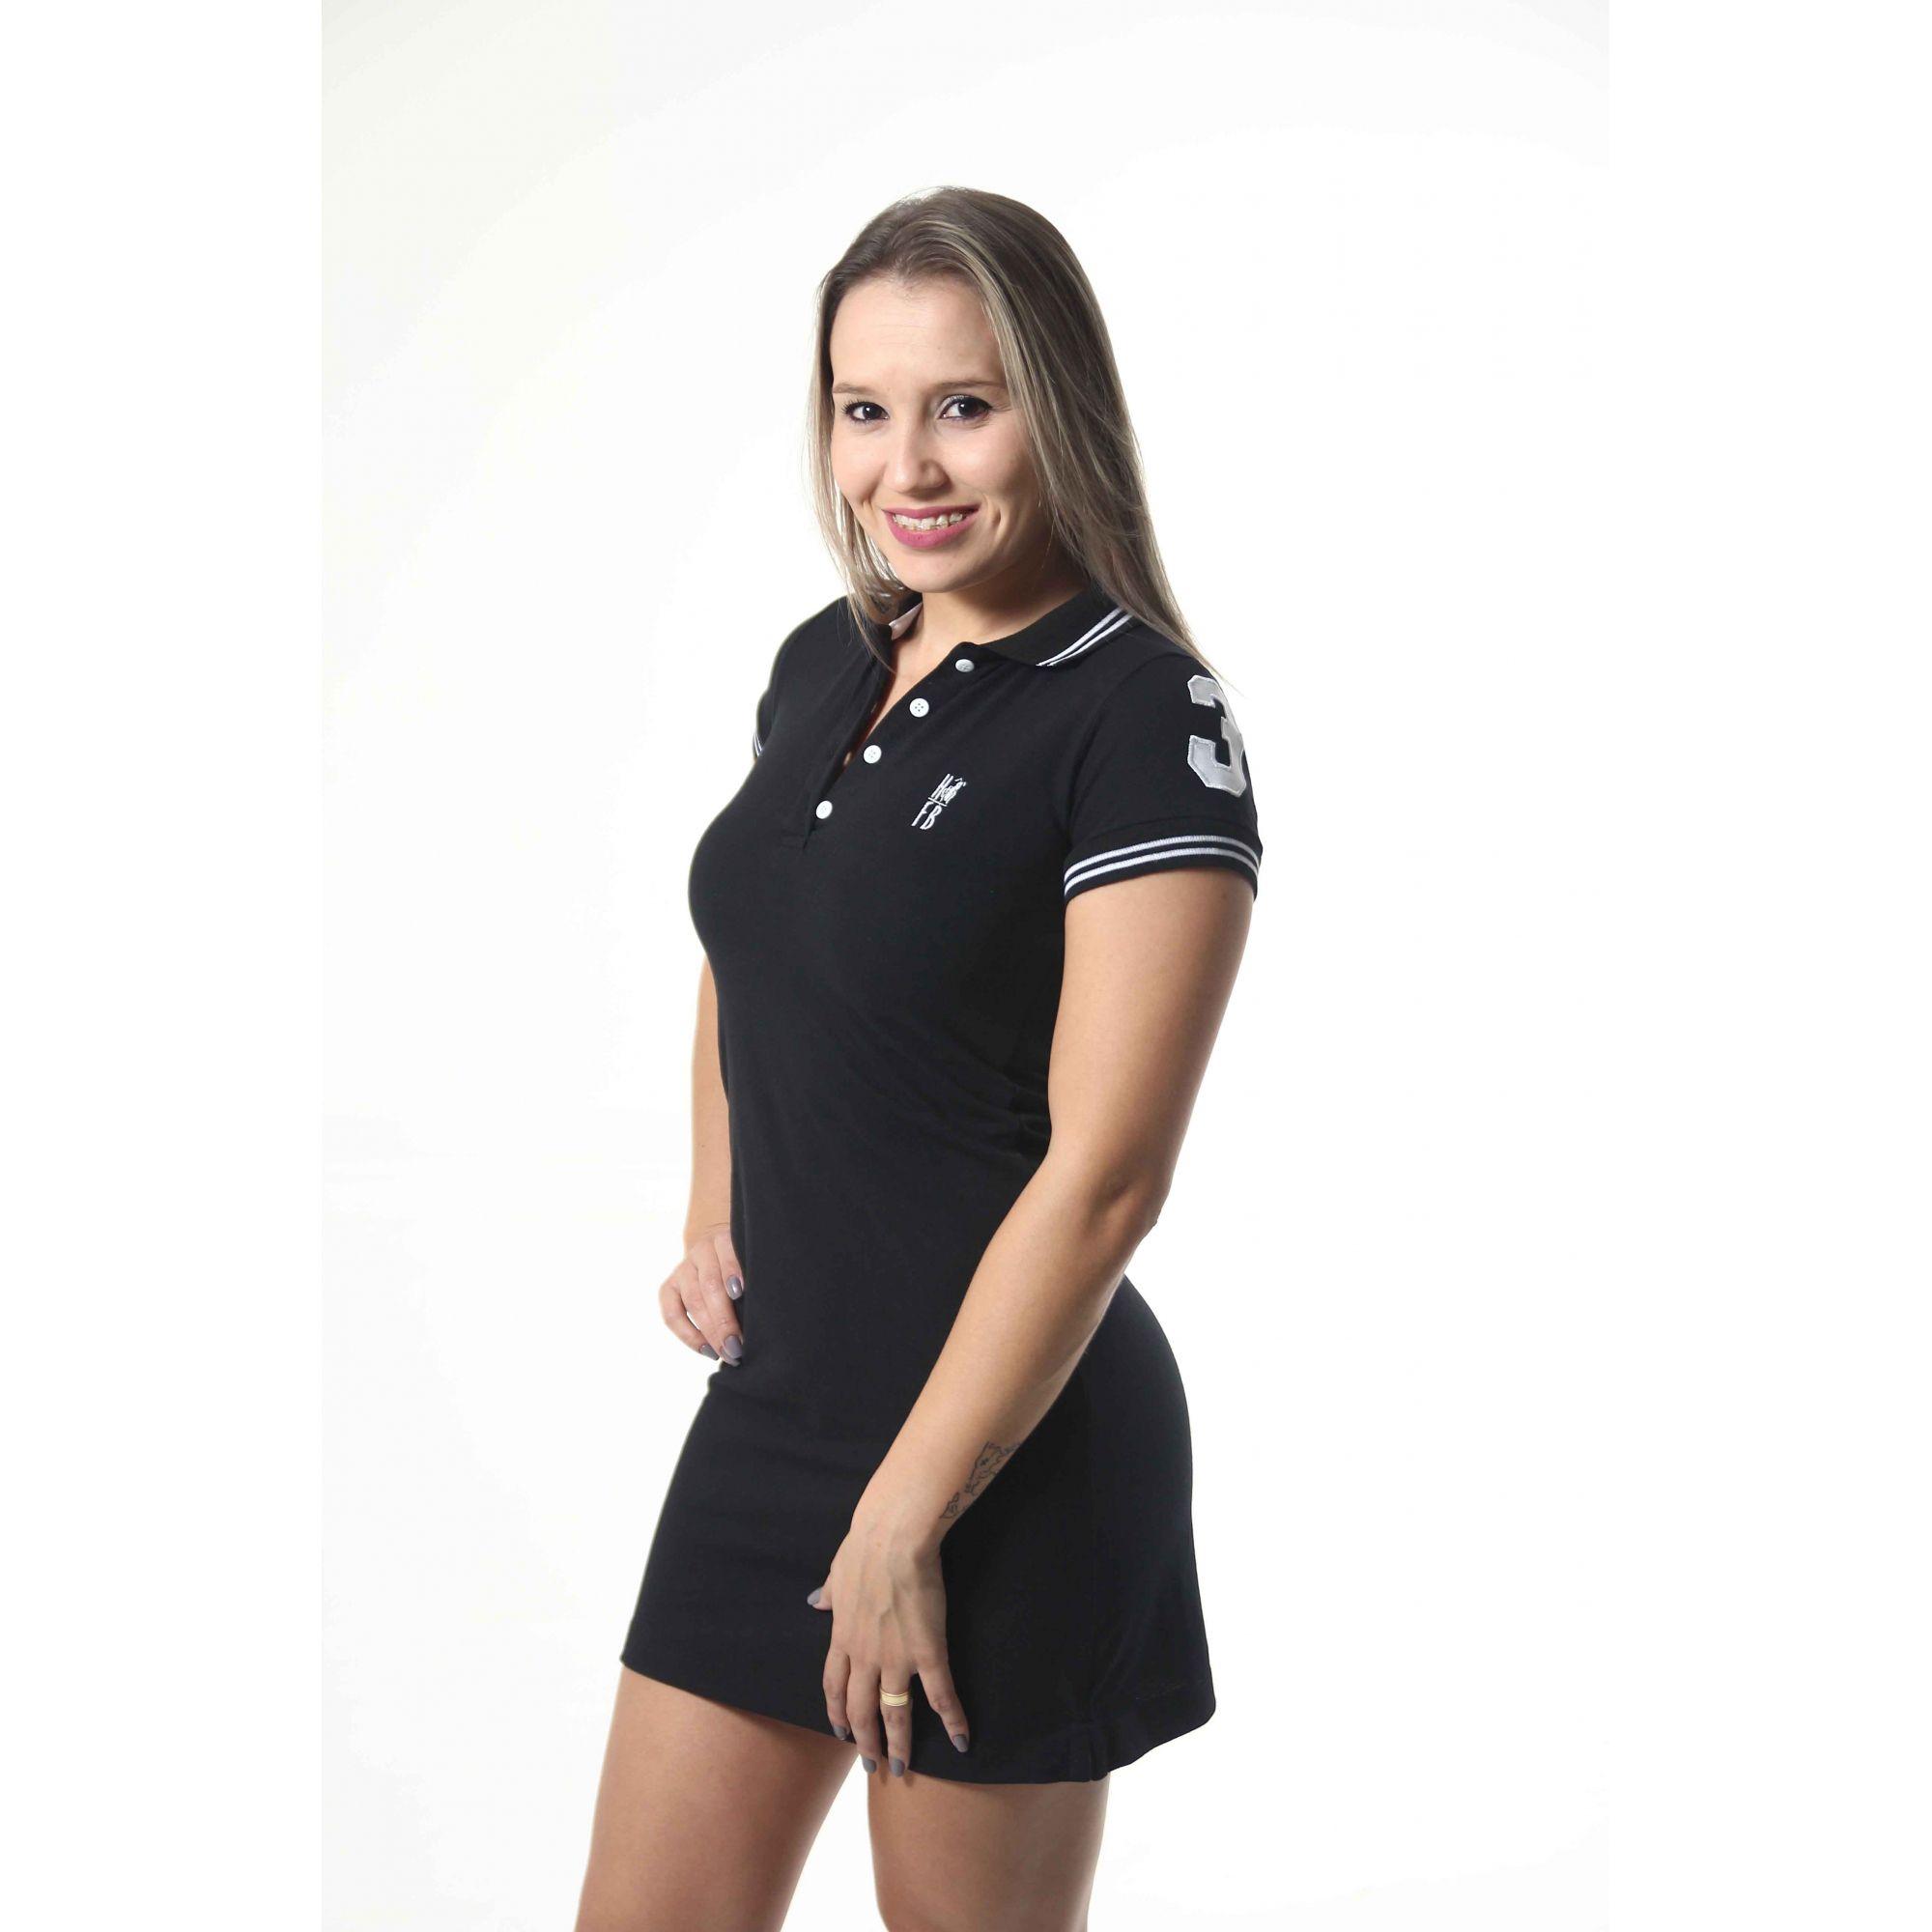 MÃE E FILHO > Kit 02 peças Vestido e Camisa Polo Infantil Preto Elegância [Coleção Tal Mãe Tal Filho]  - Heitor Fashion Brazil